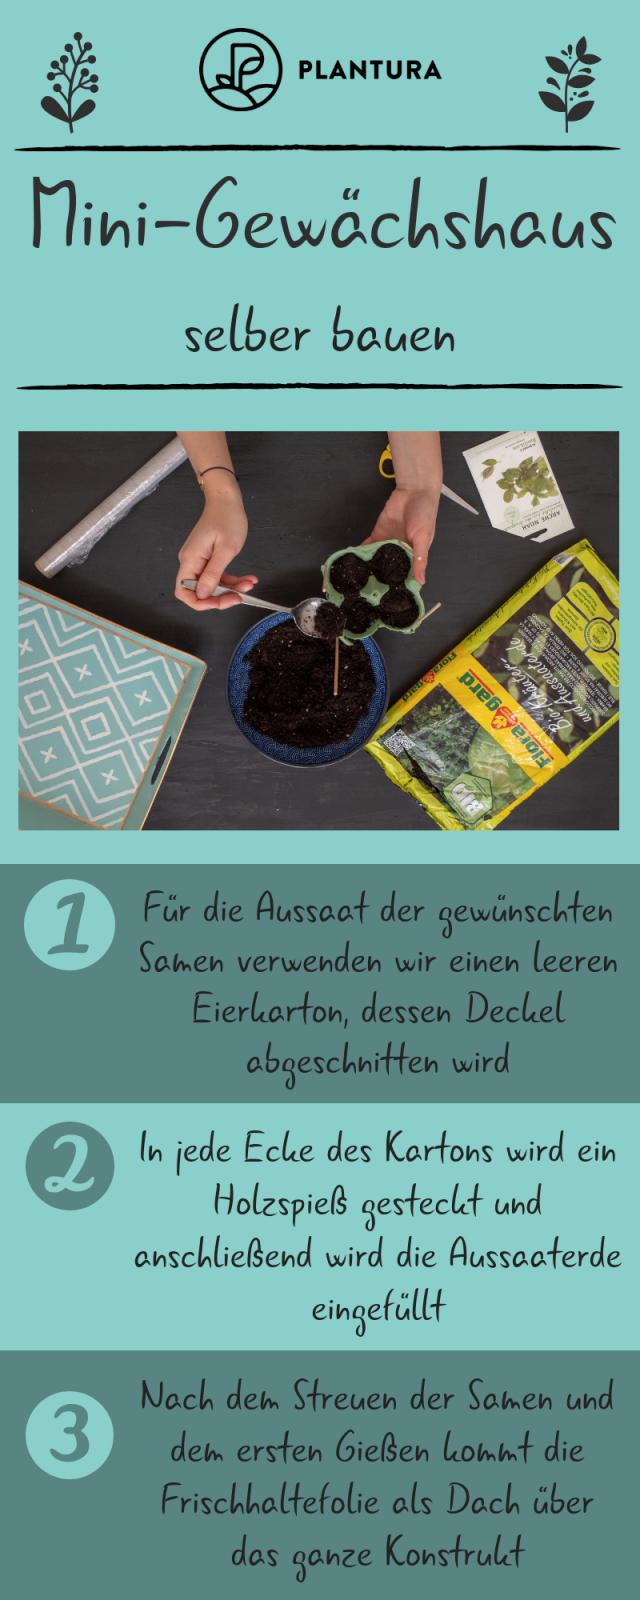 Minigewächshaus Videoanleitung Zum Selbermachen  Garten Tipps von Mini Gewächshaus Selber Bauen Frischhaltefolie Photo